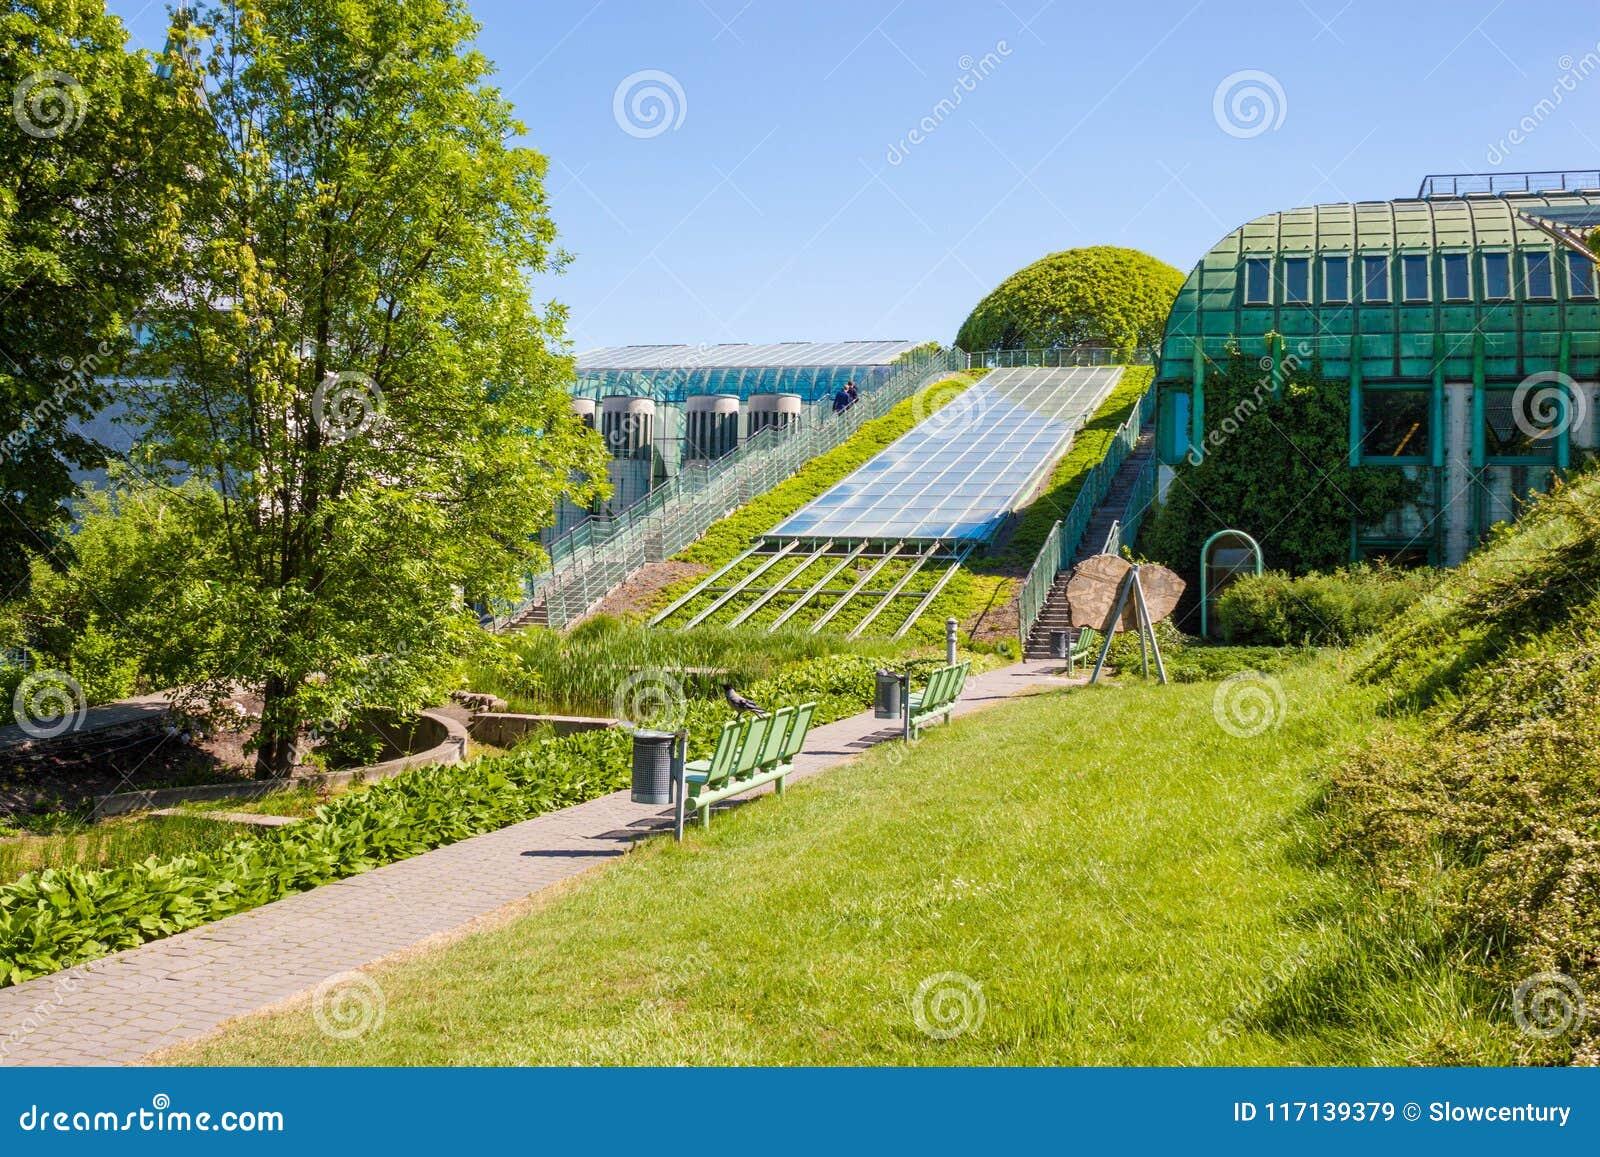 Красивые сады университетской библиотеки Варшавы Варшава, Польша